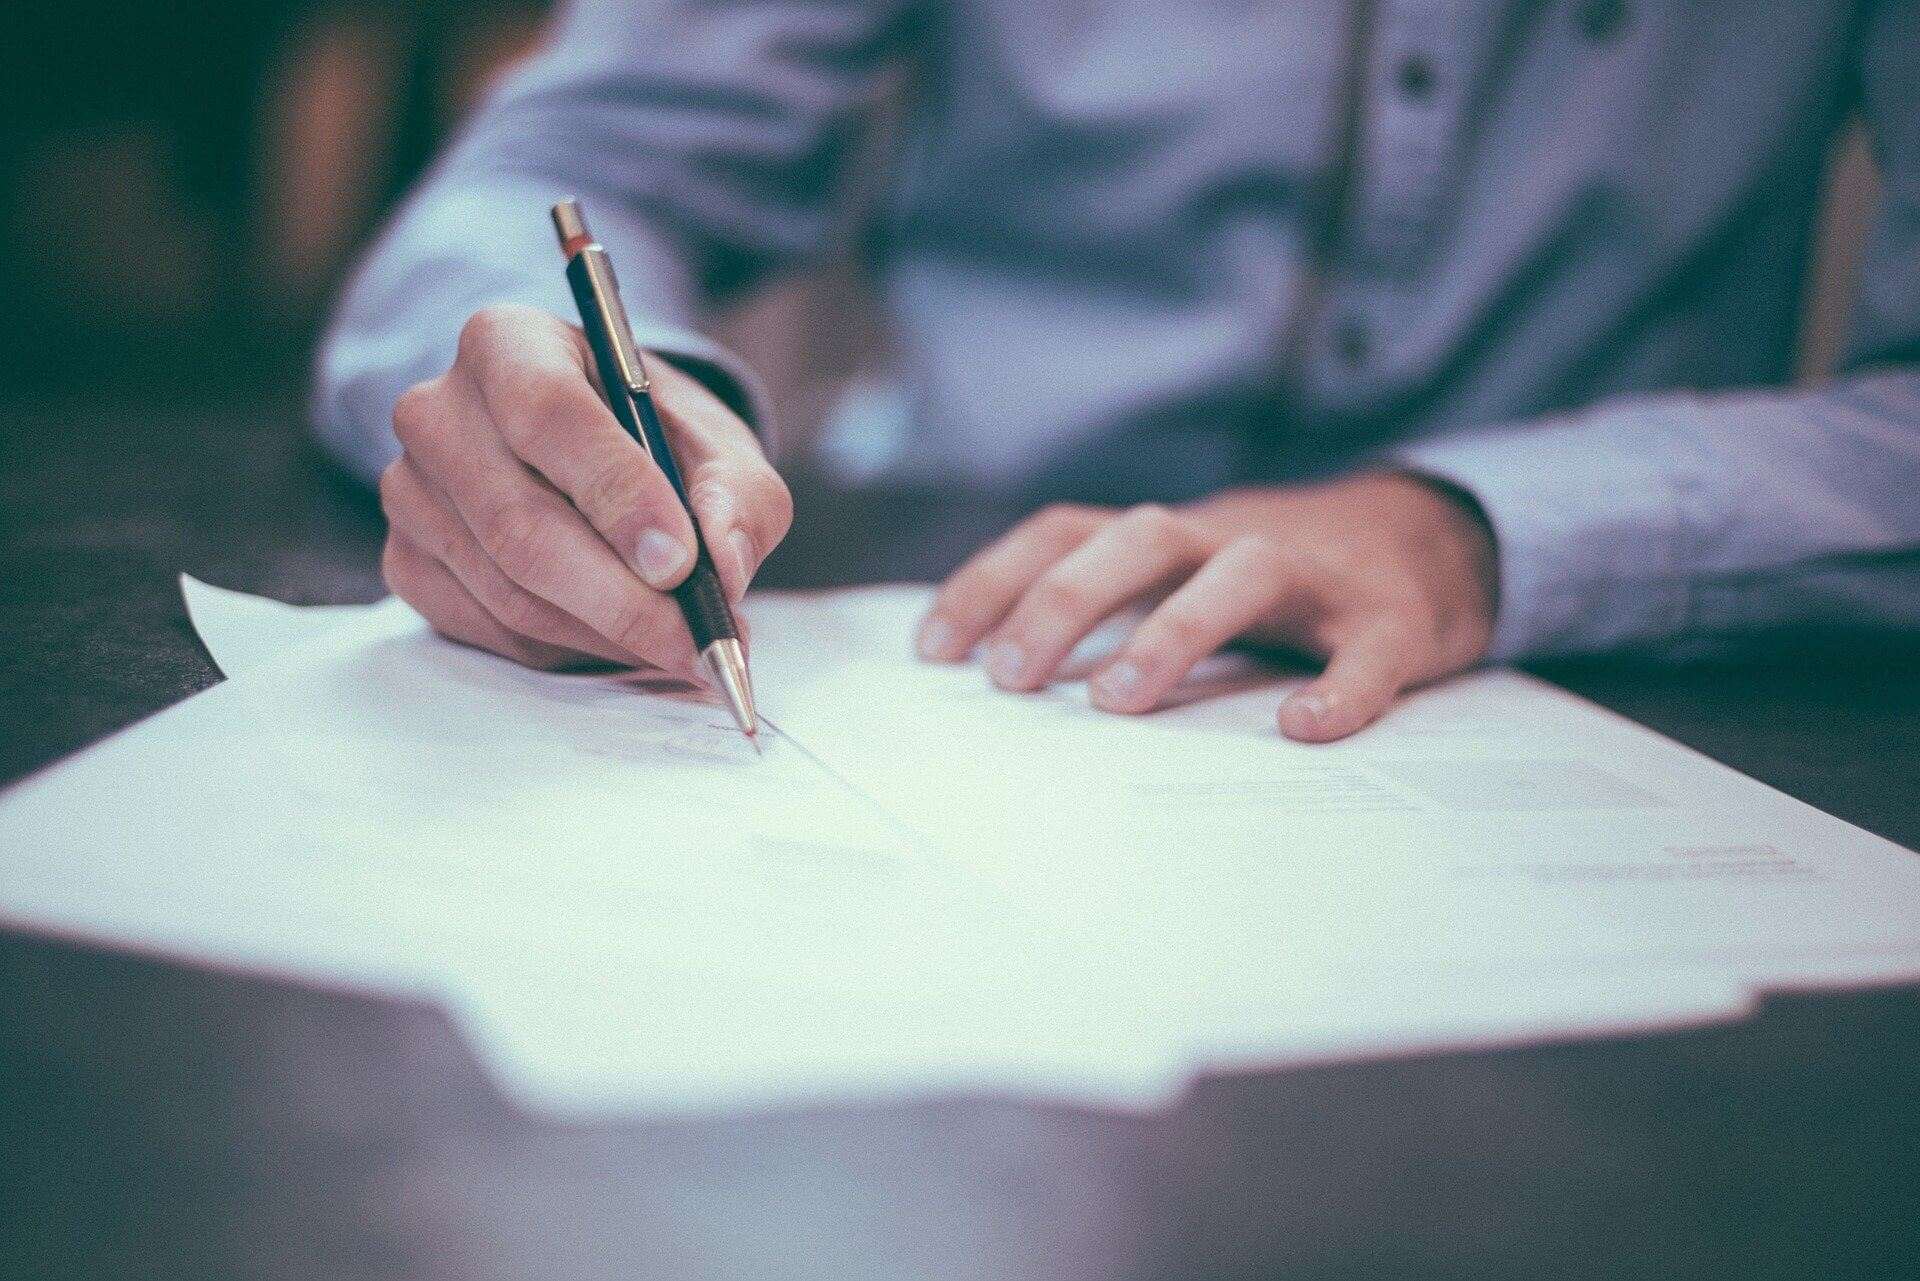 Inventário extrajudicial - foto de um homem branco, usando uma camisa social azul, assinando papéis sobre uma mesa de madeira escura.